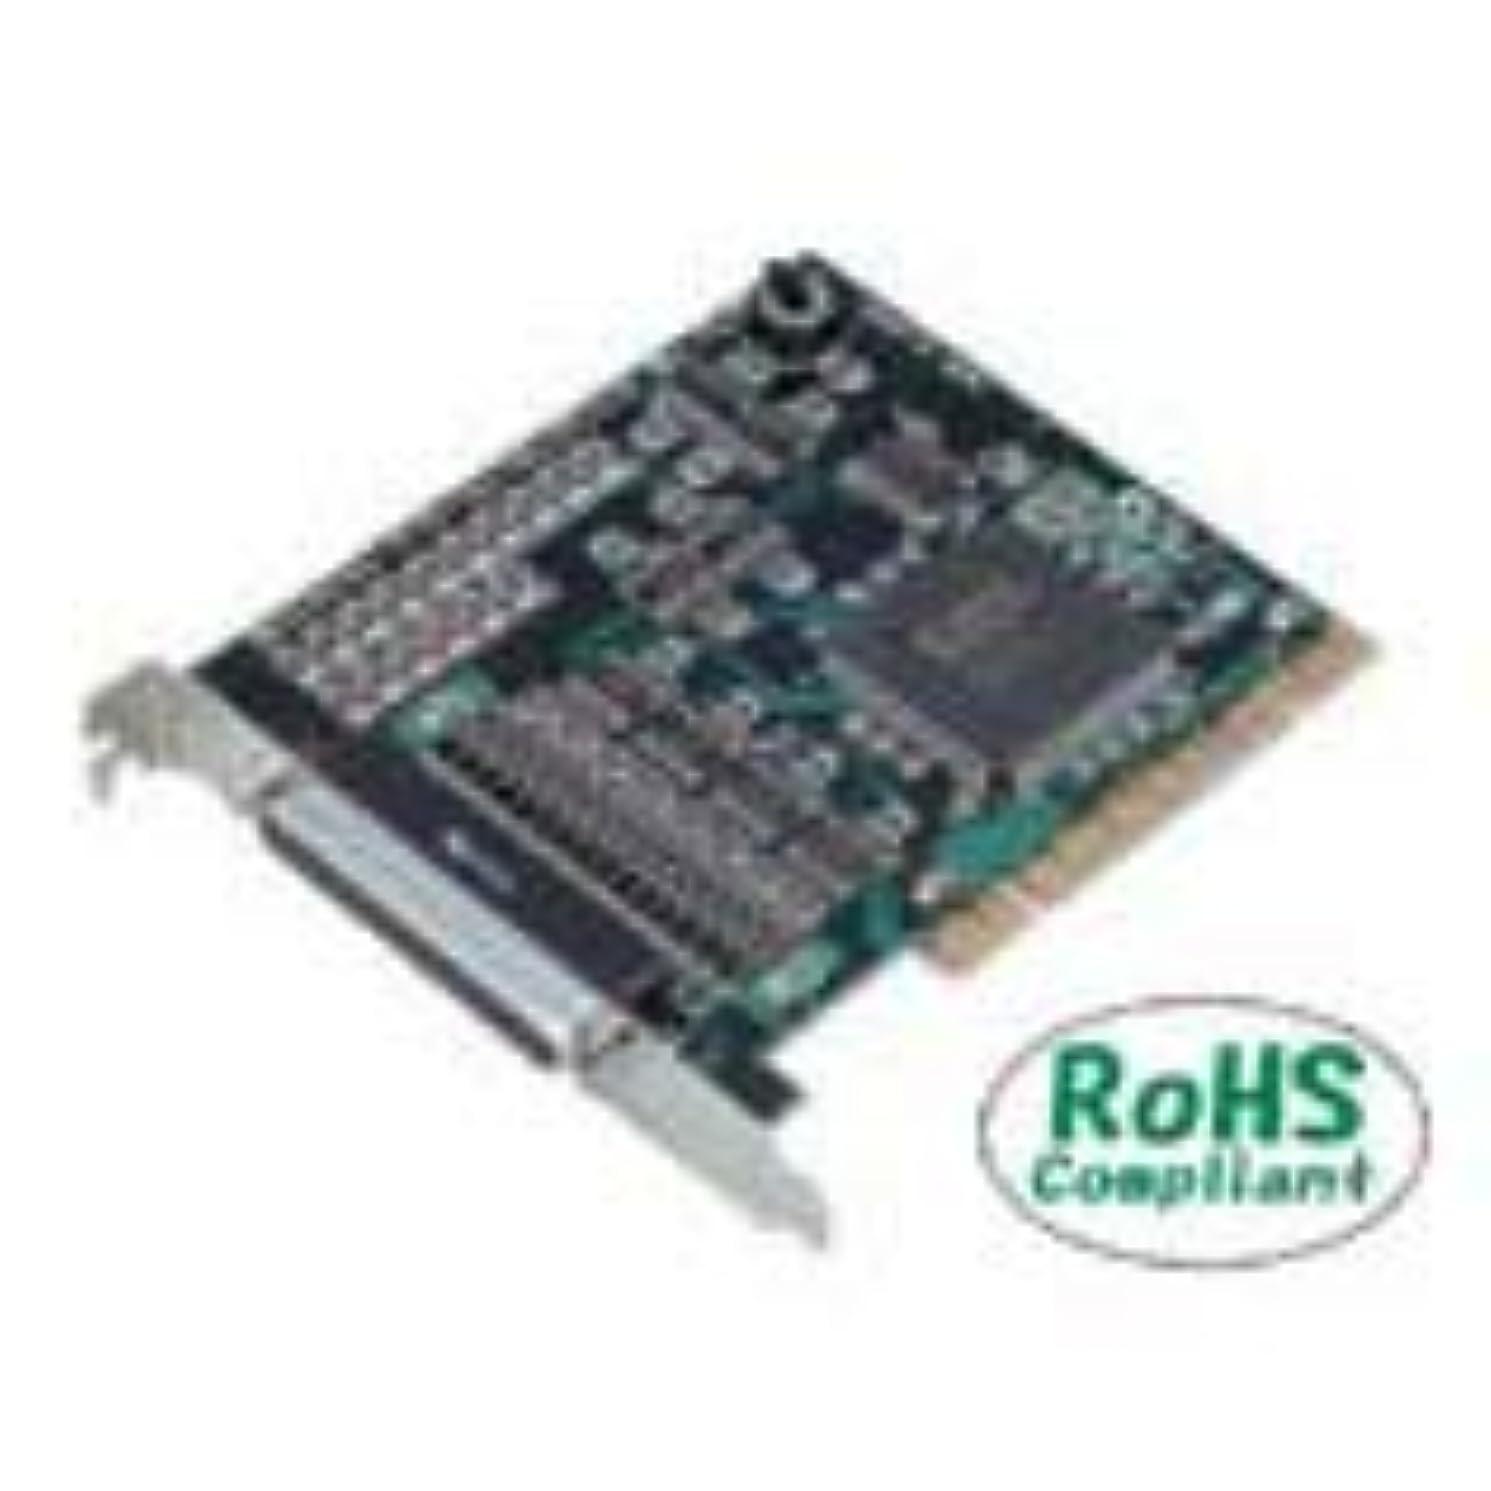 怖がって死ぬ賢明な告発Contec DTx Inc PIO-16/16L(PCI) H 16チャンネル入力/ 16Ch 出力オプトアイソレートデジタルI/O PCIカード PCIバス適合インターフェースボード